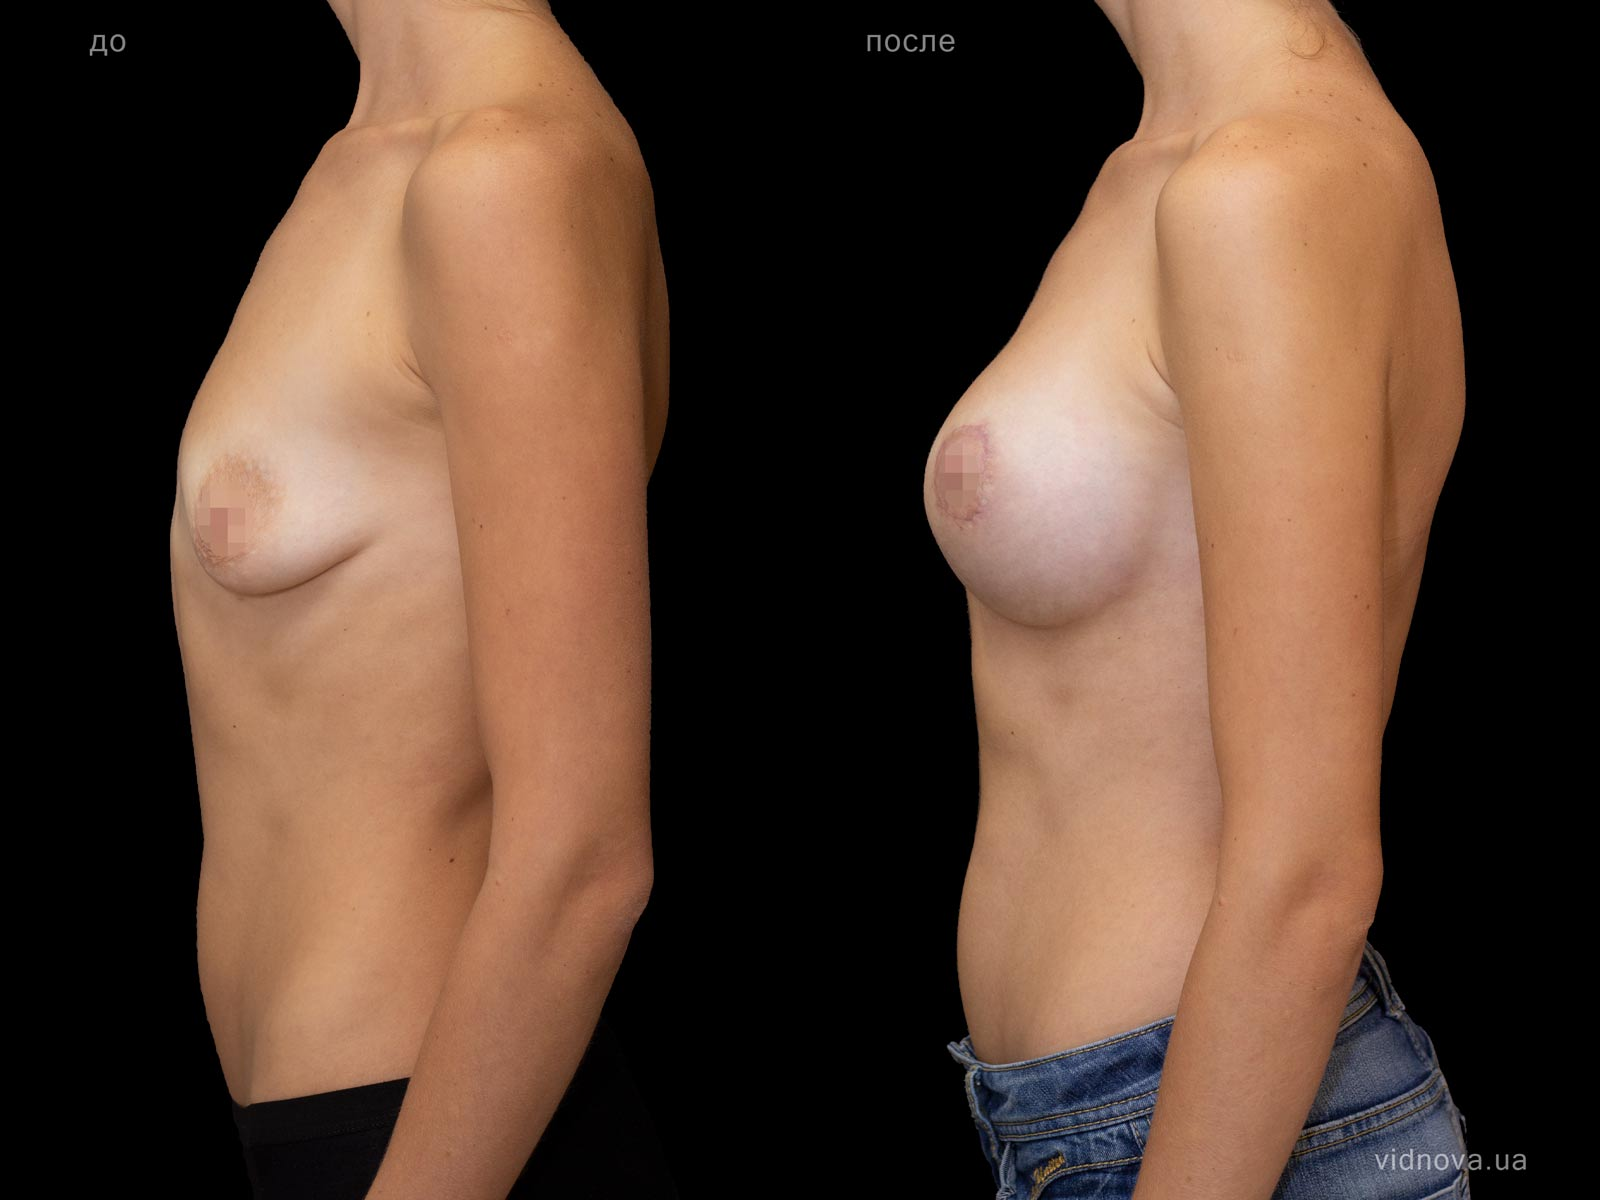 Пластика груди: результаты до и после - Пример №98-2 - Светлана Работенко